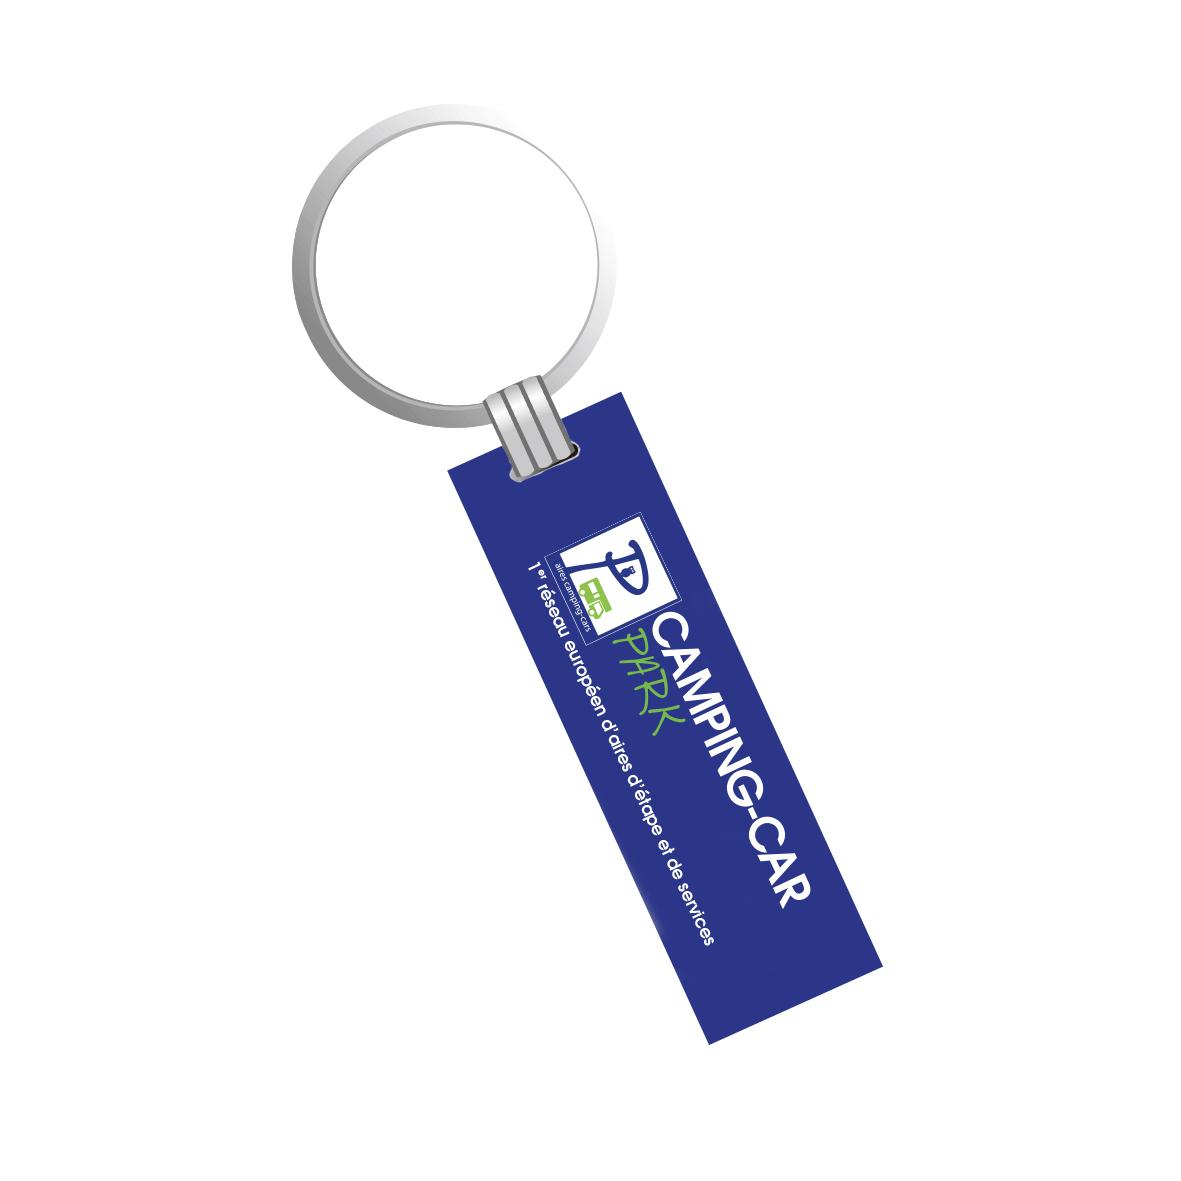 Porte-clé CAMPING-CAR PARK